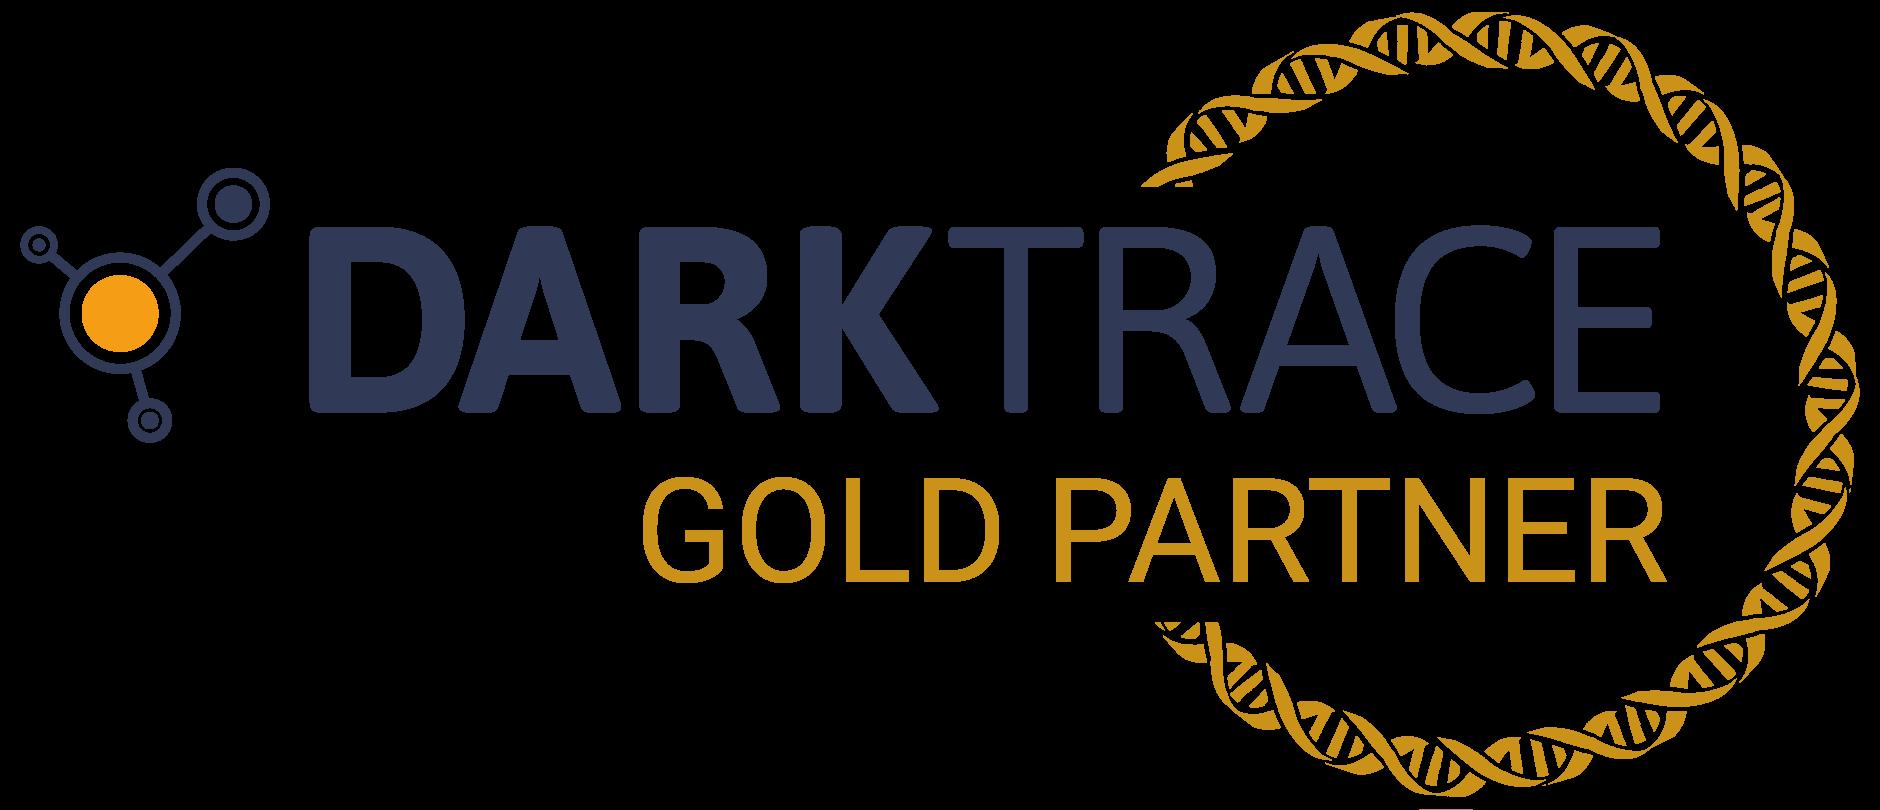 Darktrace Gold Partner